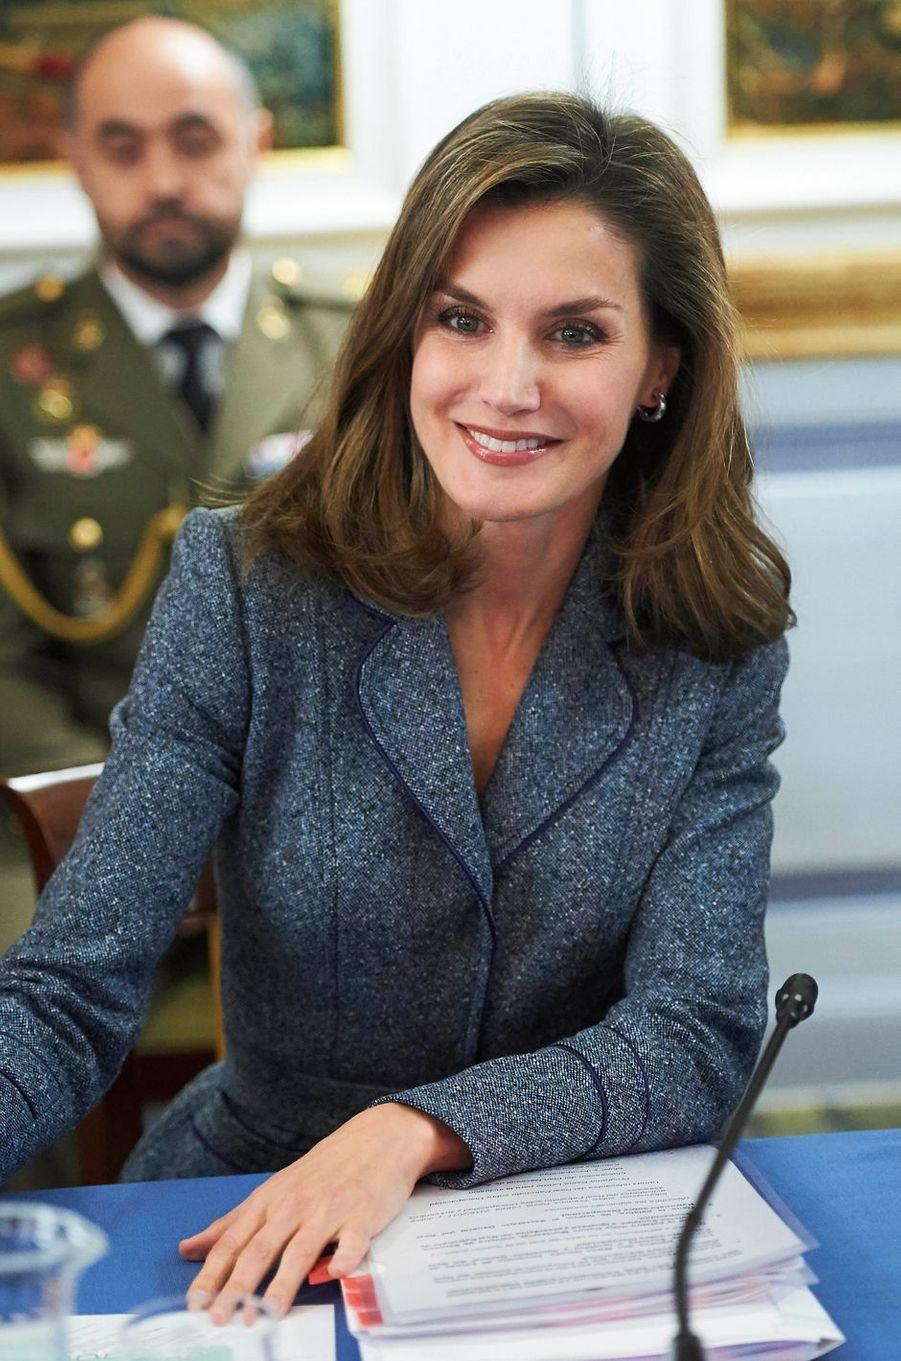 La reine Letizia d'Espagne en réunion au palais du Pardo à Madrid, le 21 novembre 2017